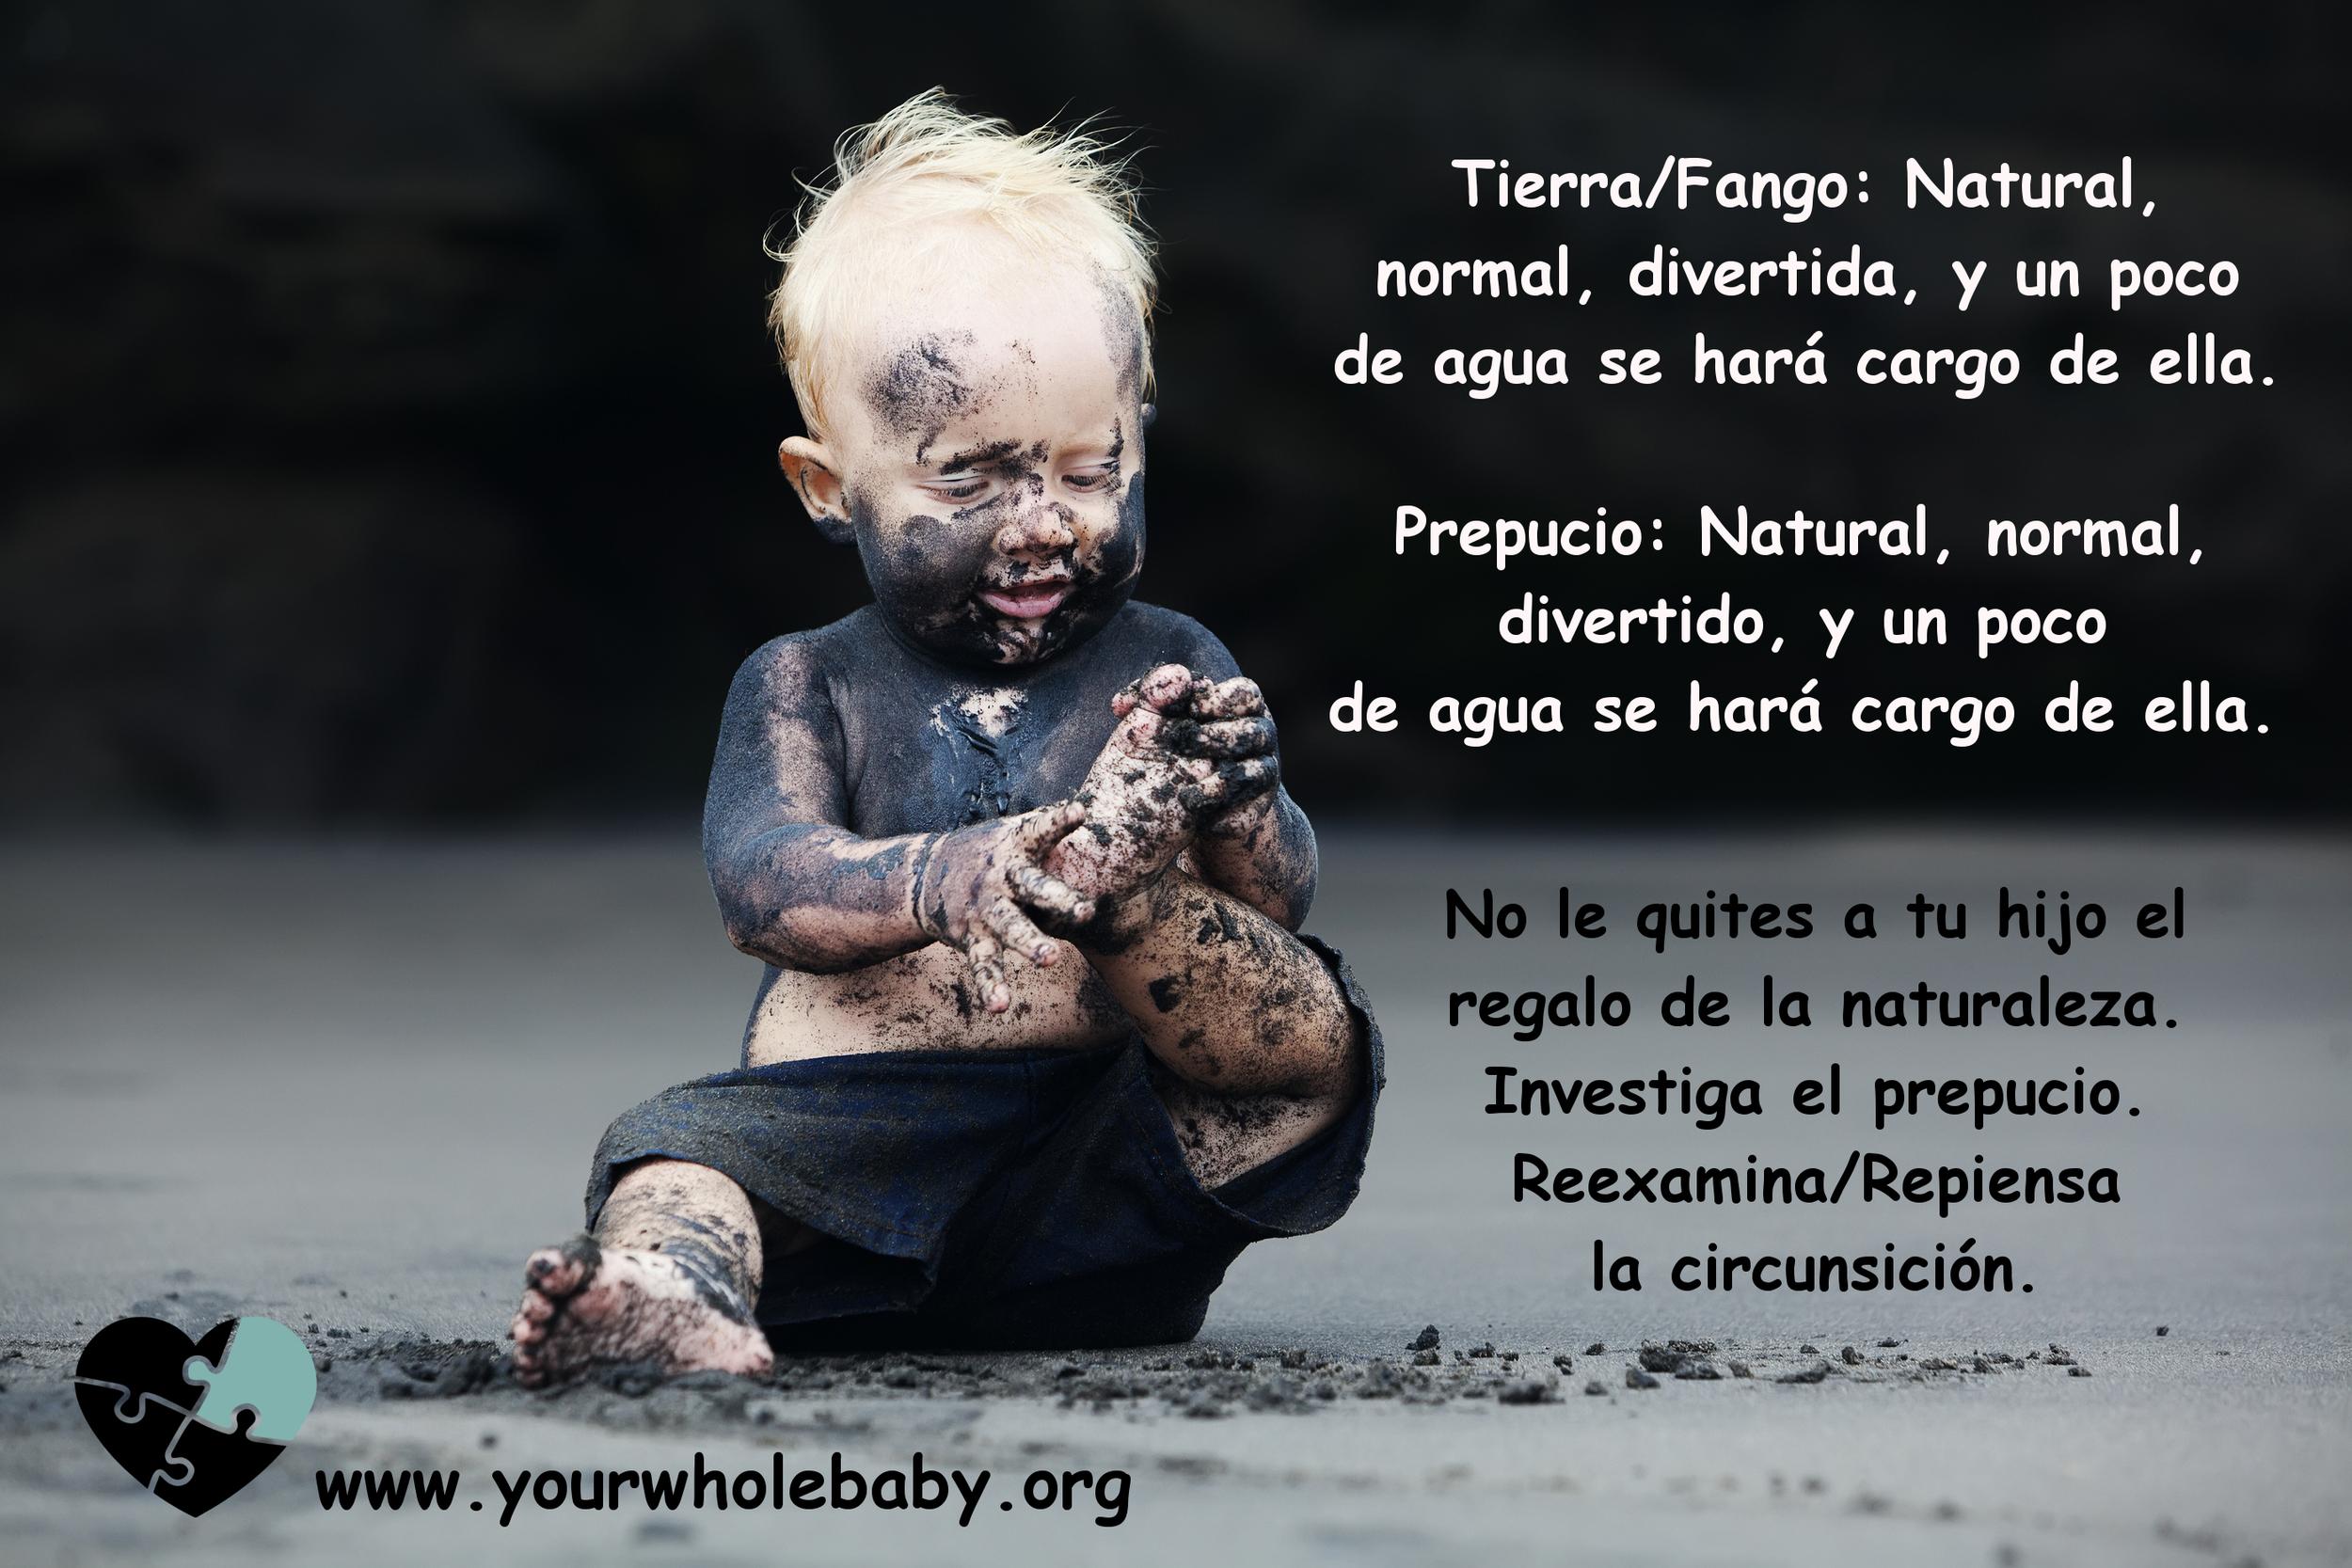 YWB kid in mud spanish.jpg